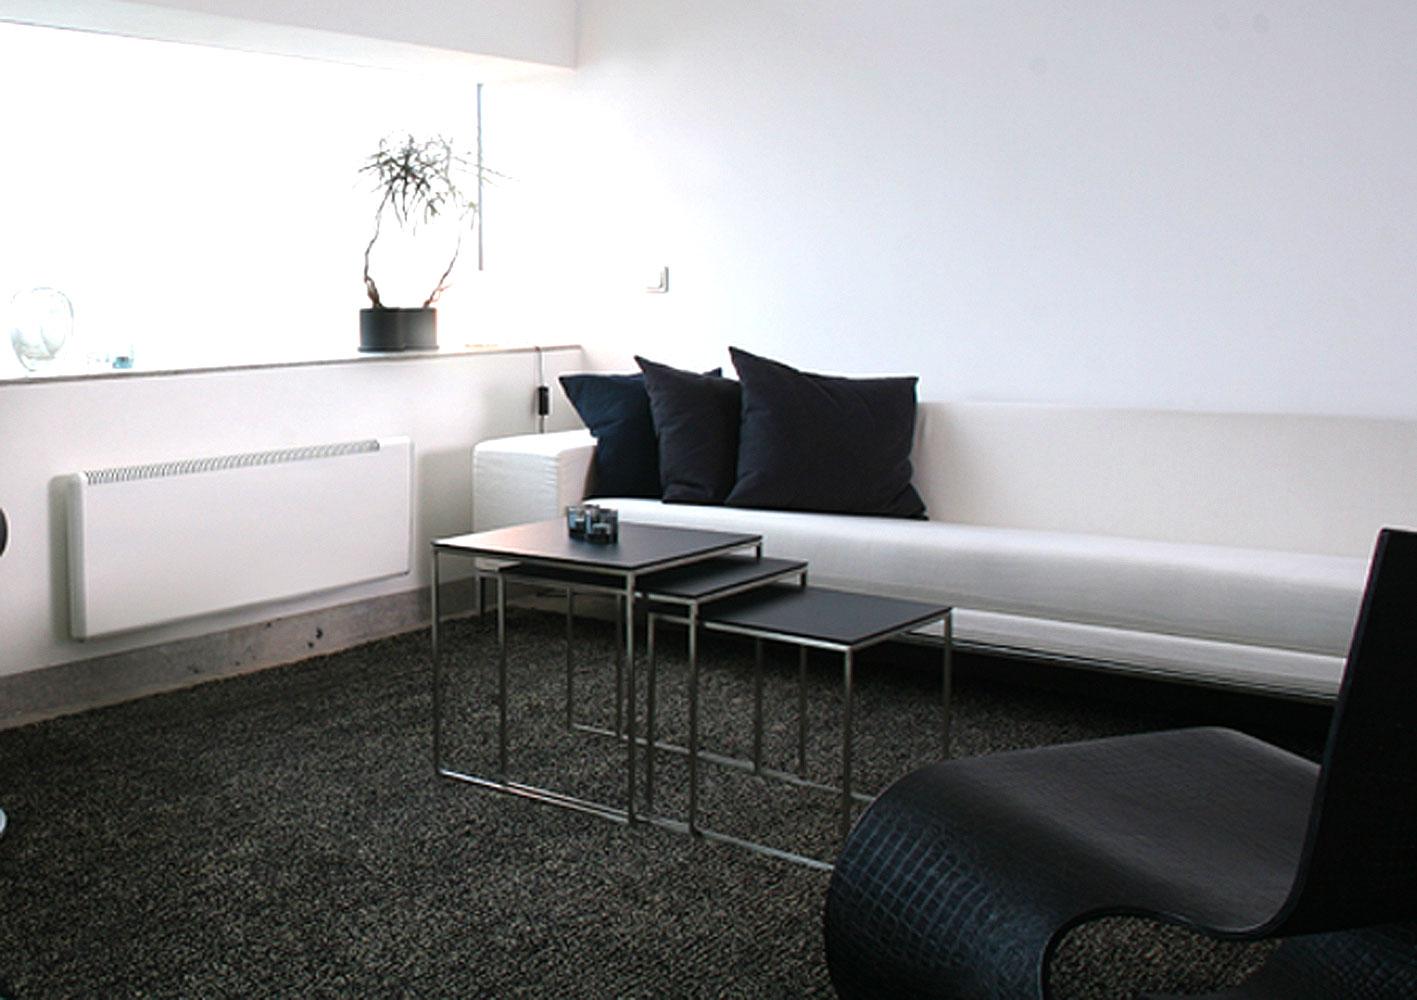 Riscaldamento elettrico svedese radiatore elettrico a for Scaldasalviette elettrico basso consumo